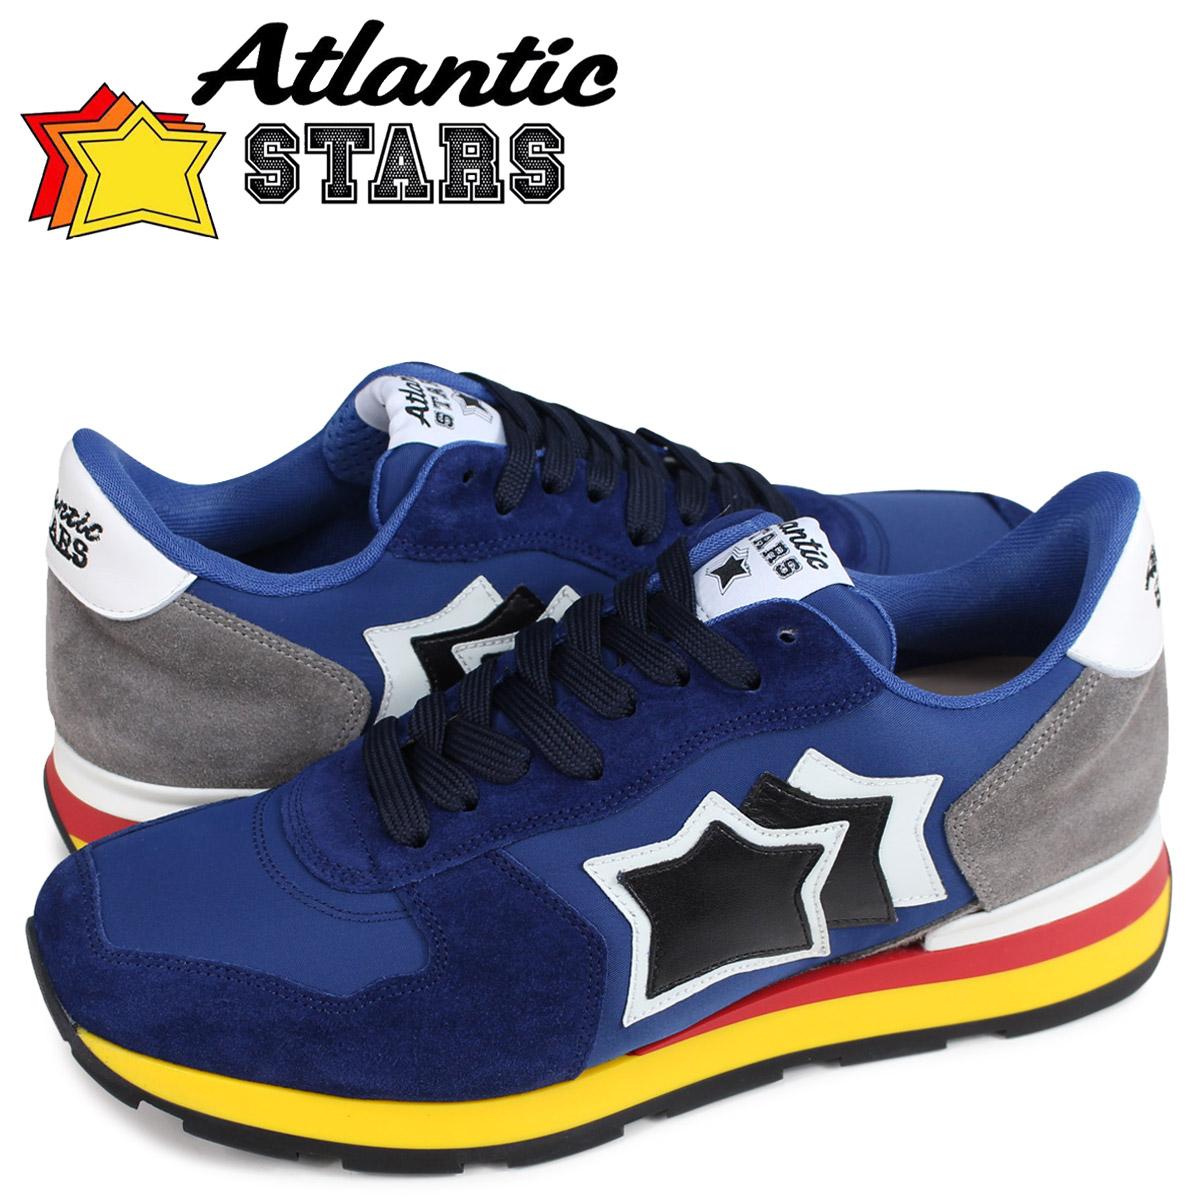 アトランティックスターズ Atlantic STARS アンタレス スニーカー メンズ ANTARES ブルー NN-89B